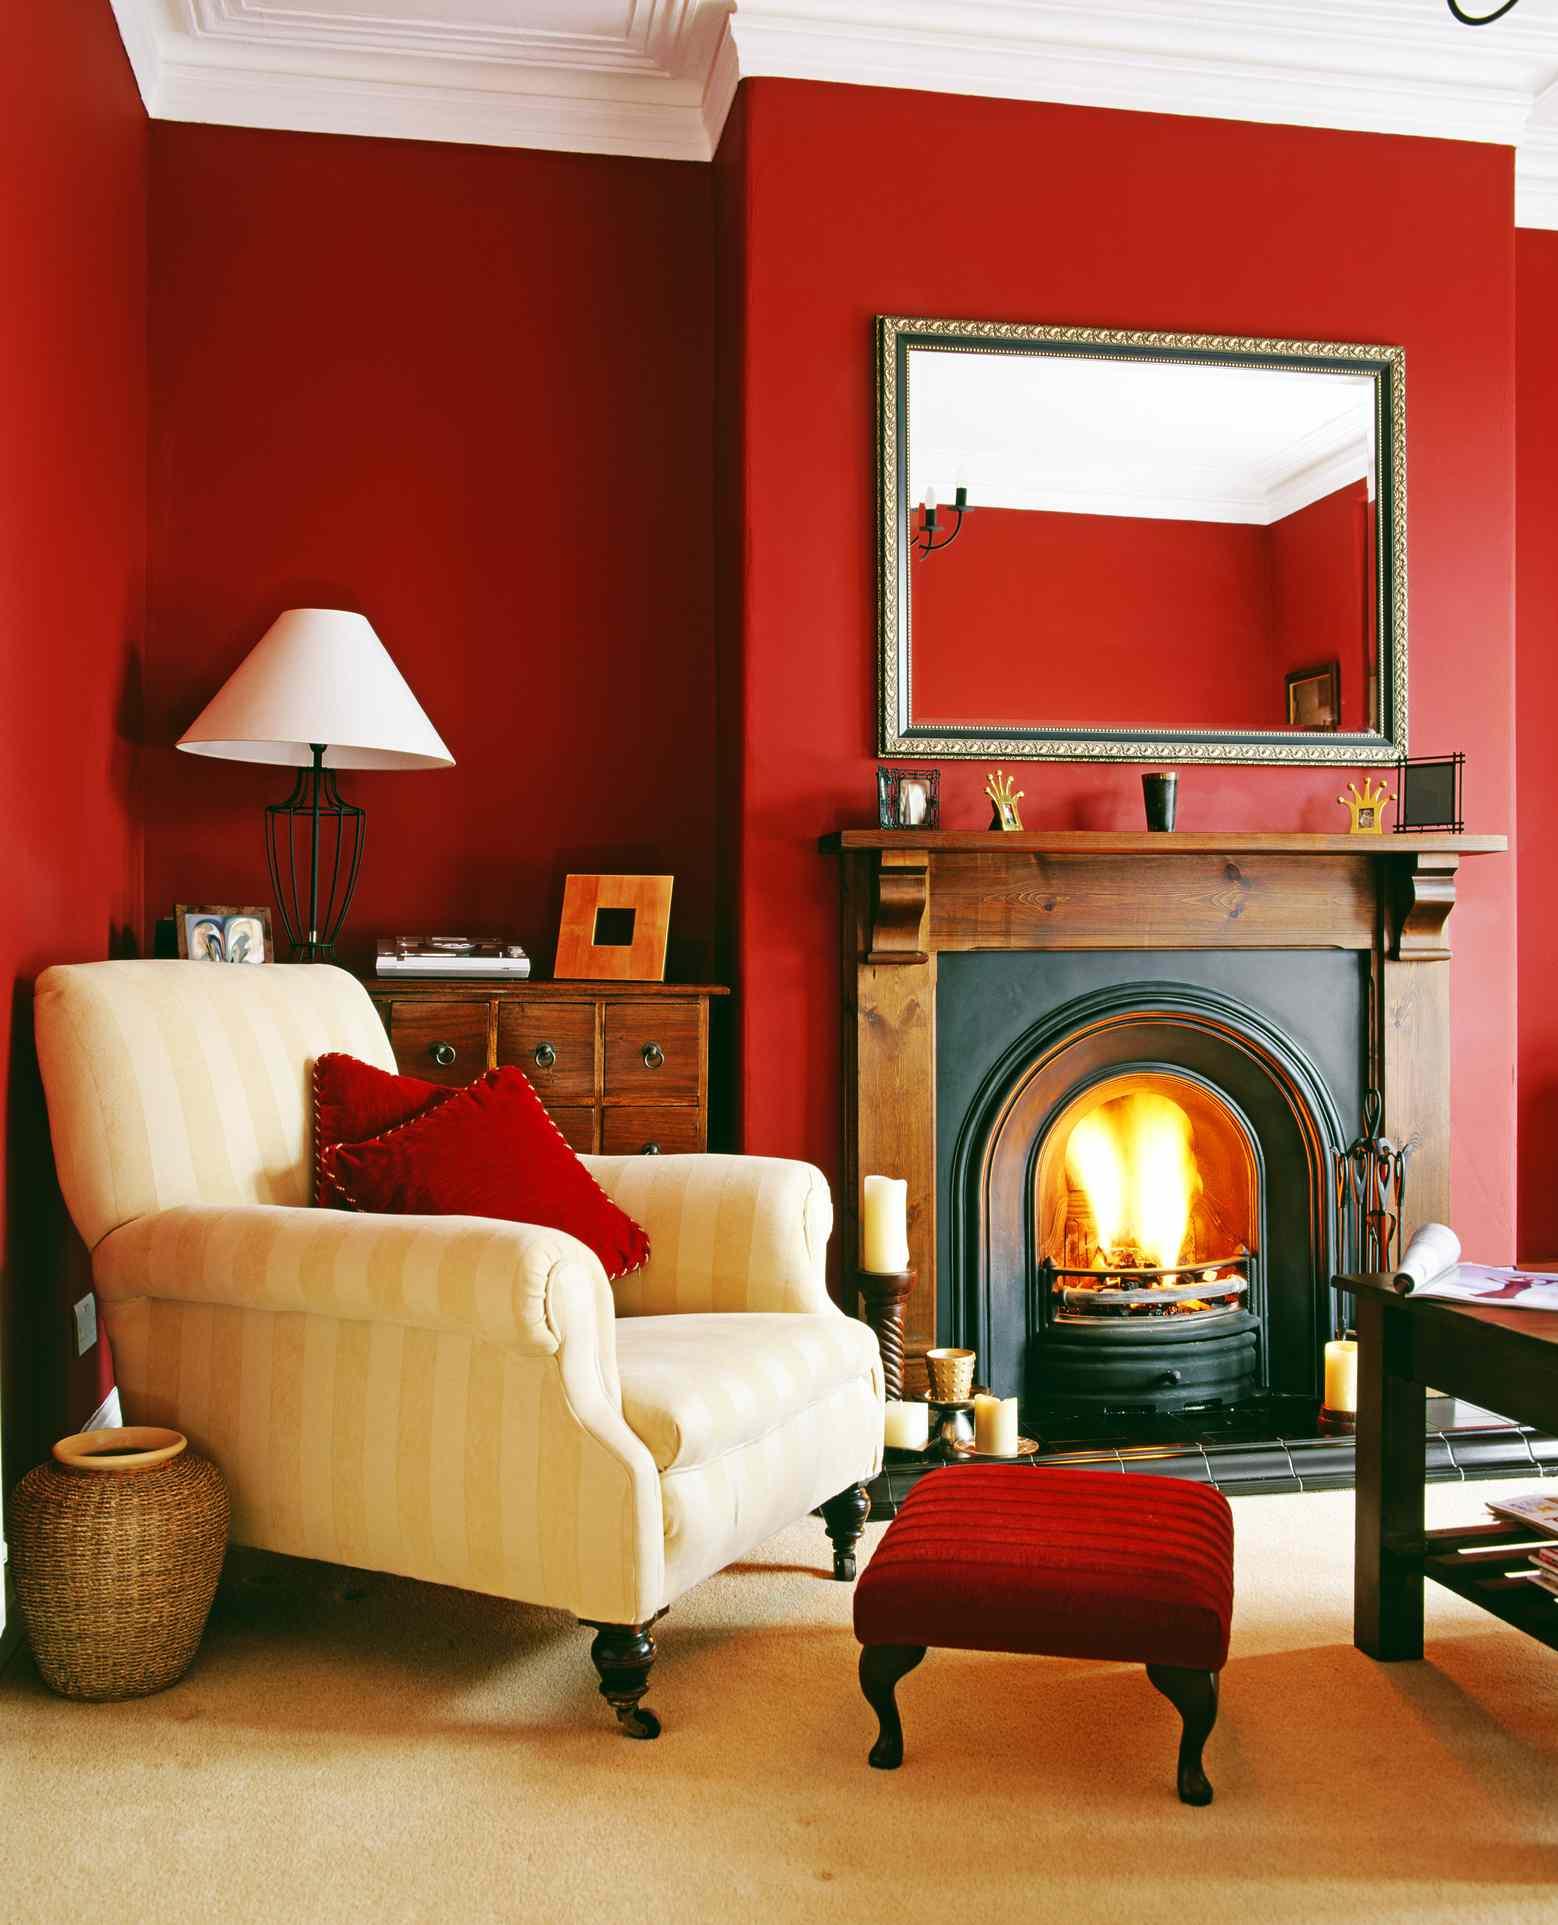 Stol som vardagsrumsmöbler.  Källa: thespruce.com